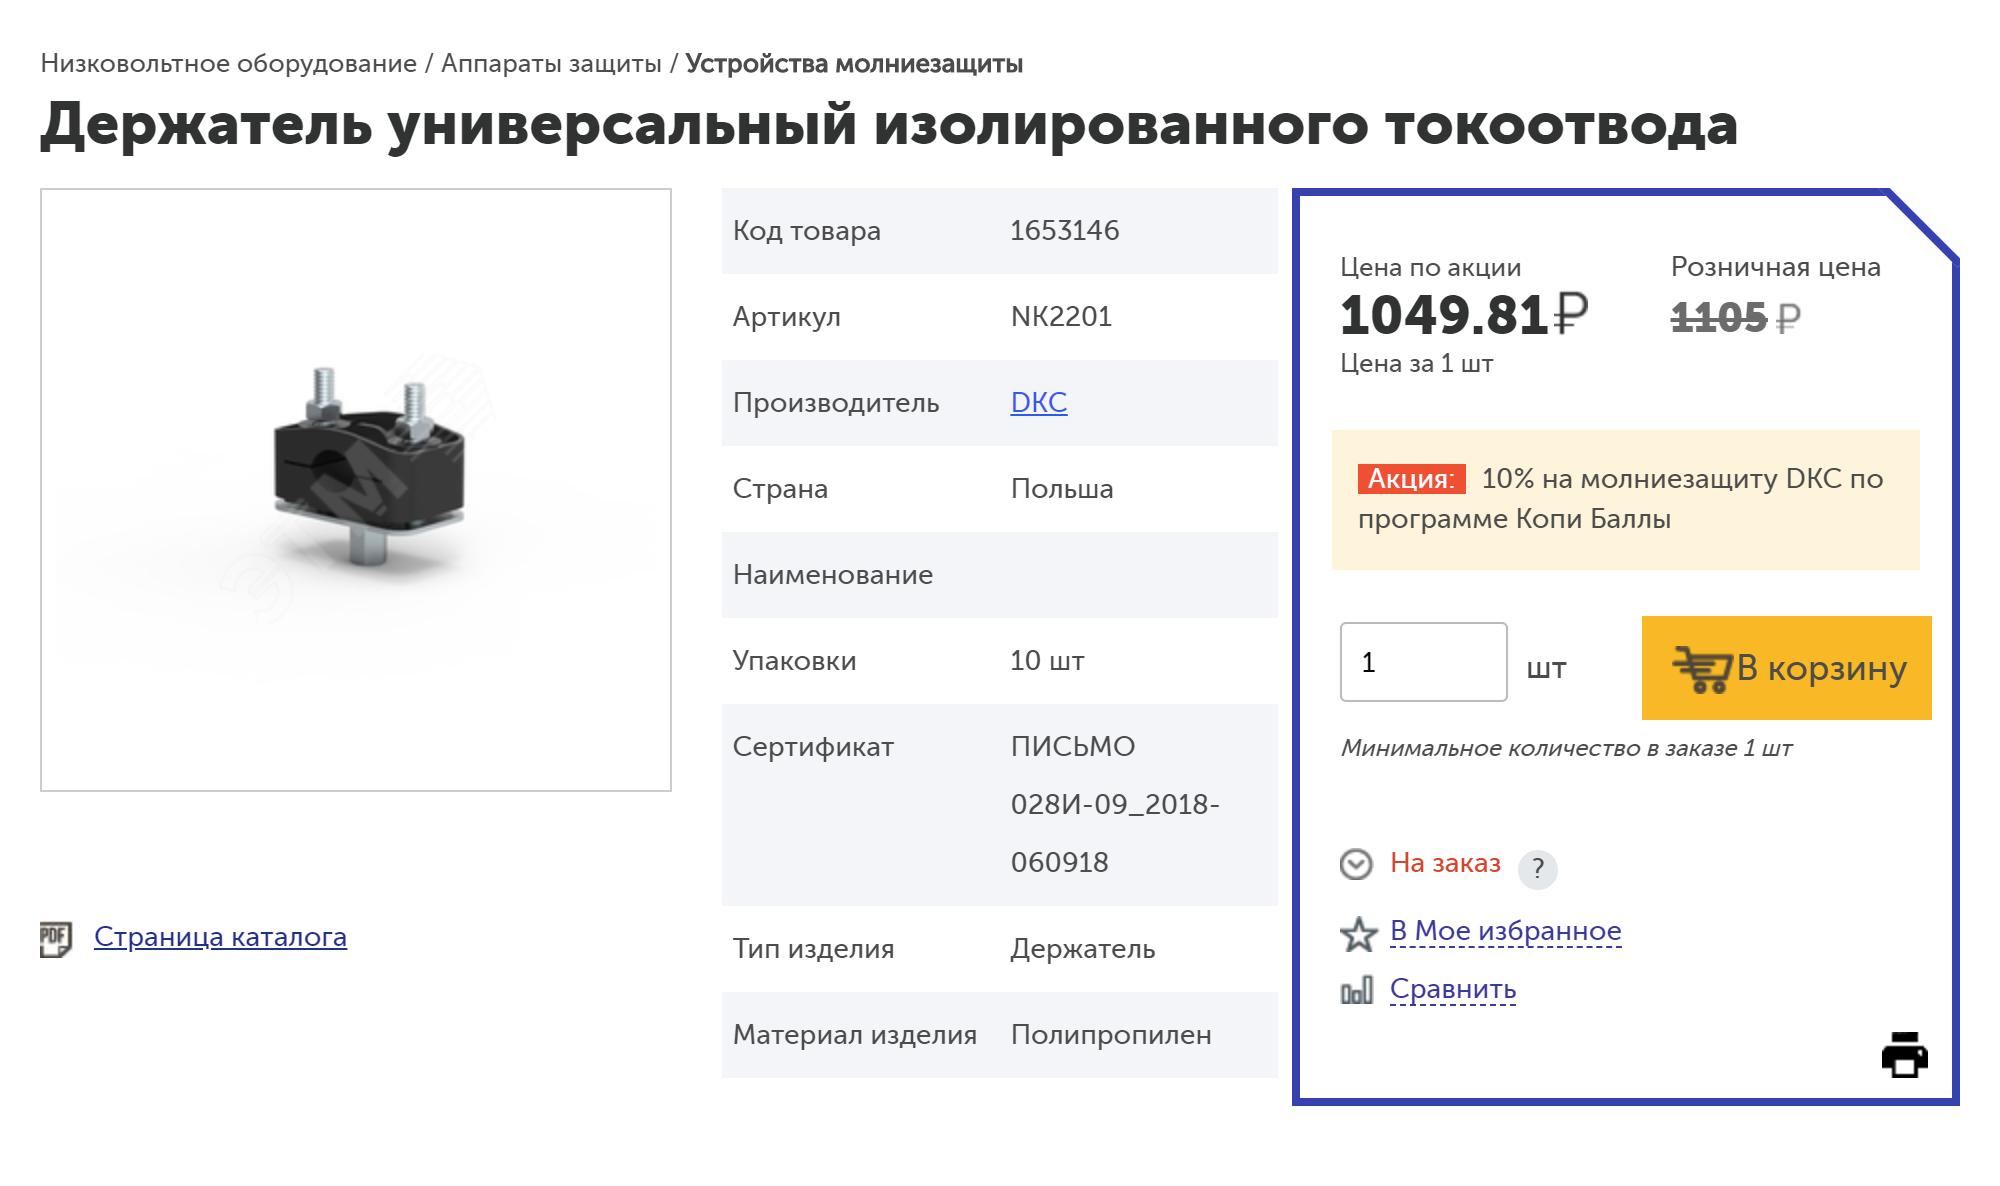 Стоимость держателя в интернет-магазине «ЭТМ». Сделать похожие своими руками можно из фторопластовых пластин